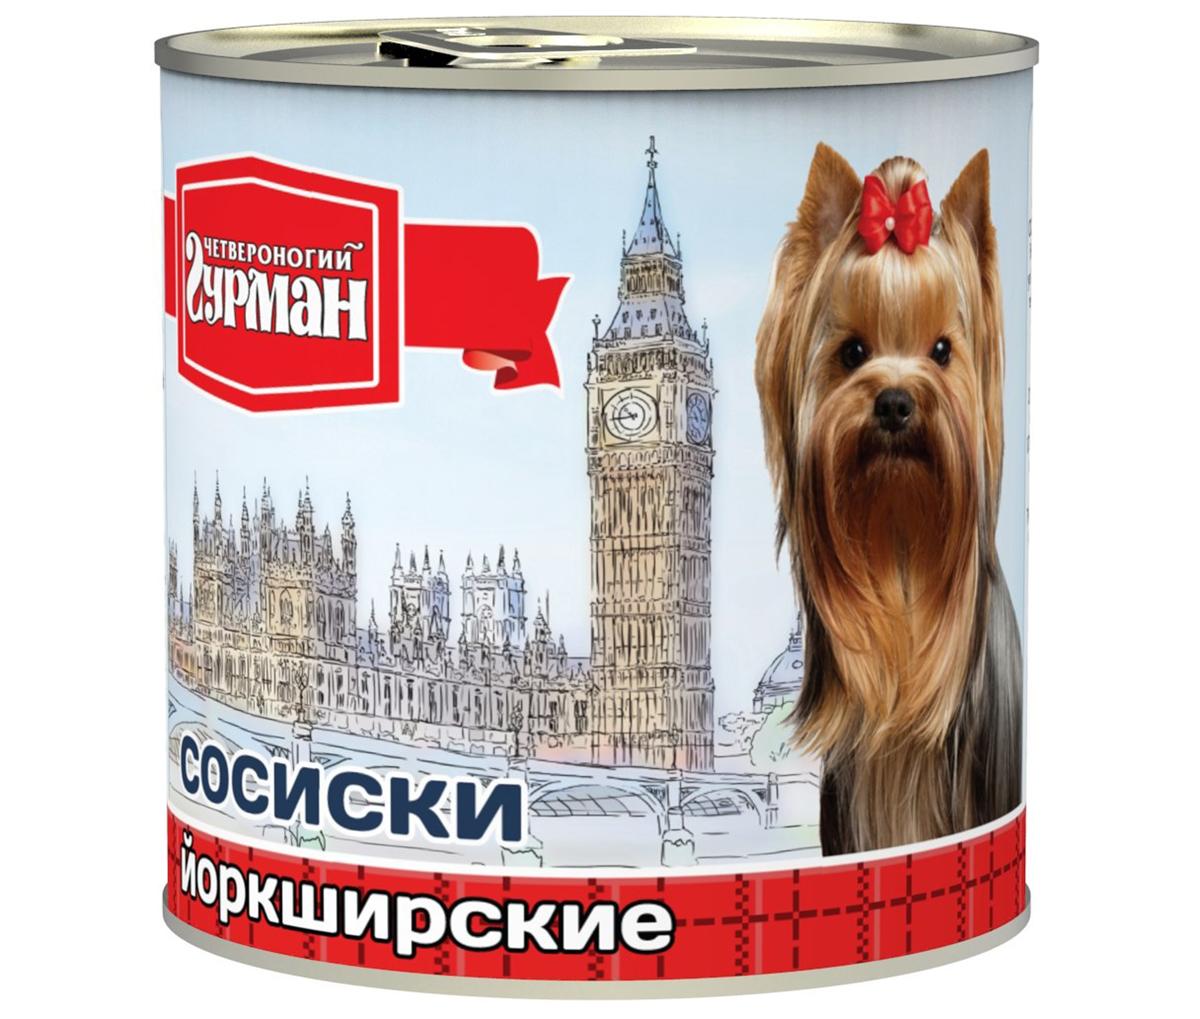 Консервы для собак Четвероногий Гурман